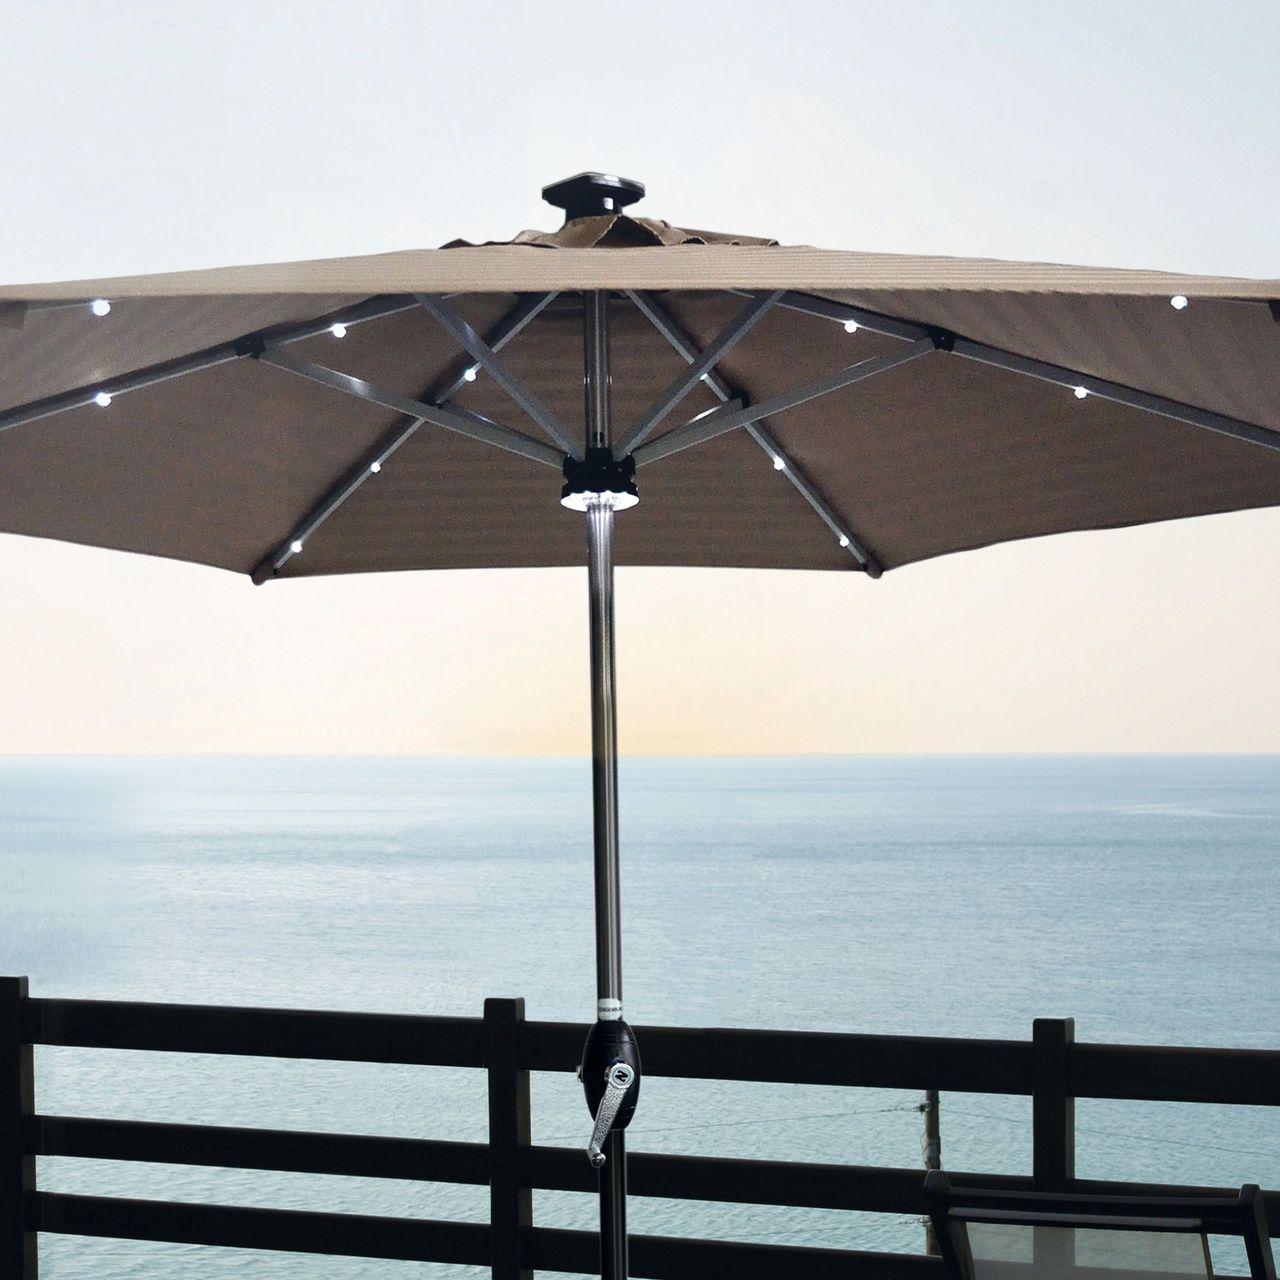 romantischer sonnenschirm mit led beleuchtung sternenhimmel garten sonnenschirm. Black Bedroom Furniture Sets. Home Design Ideas